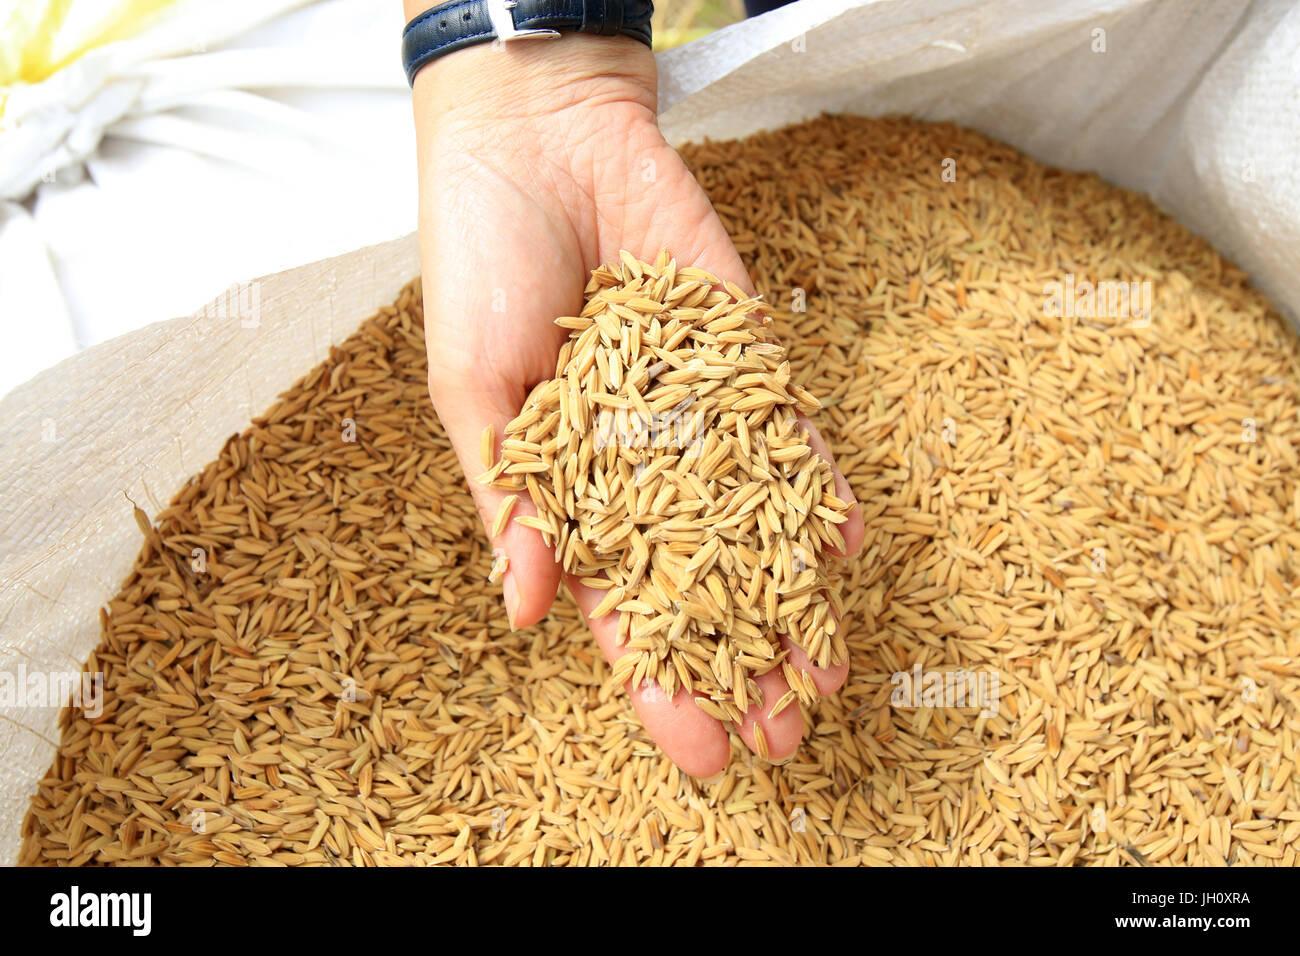 Landwirtschaft. Ernte. Reiskörner. Laos. Stockbild